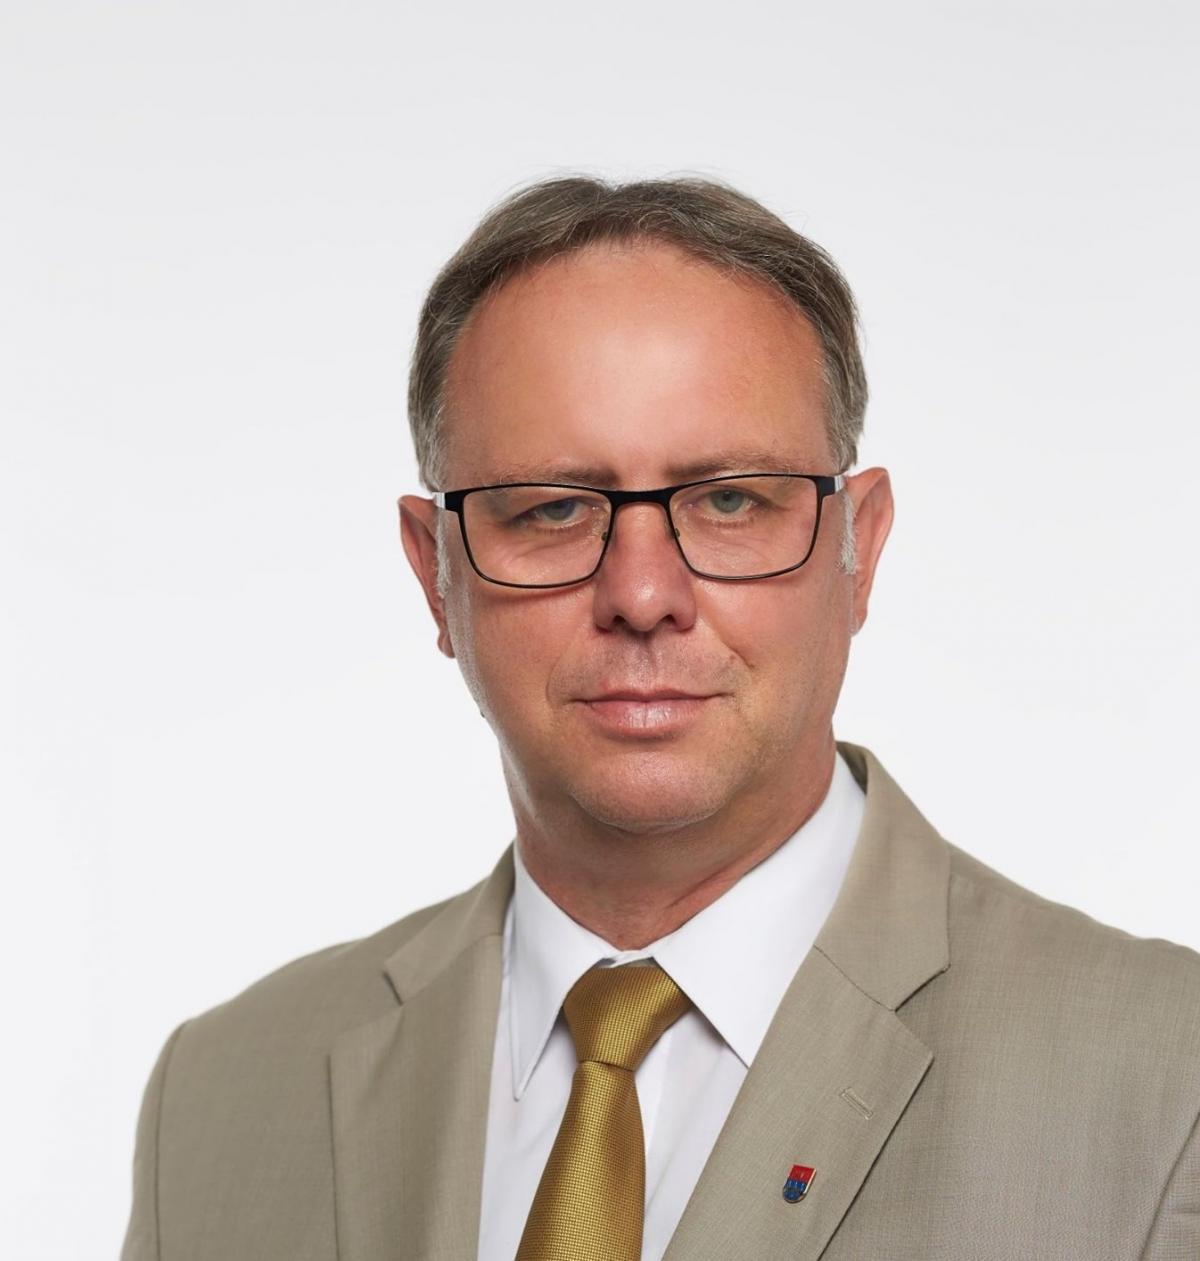 Sikkasztásért ítélték el, most a DK jelöltje lesz Dombóváron